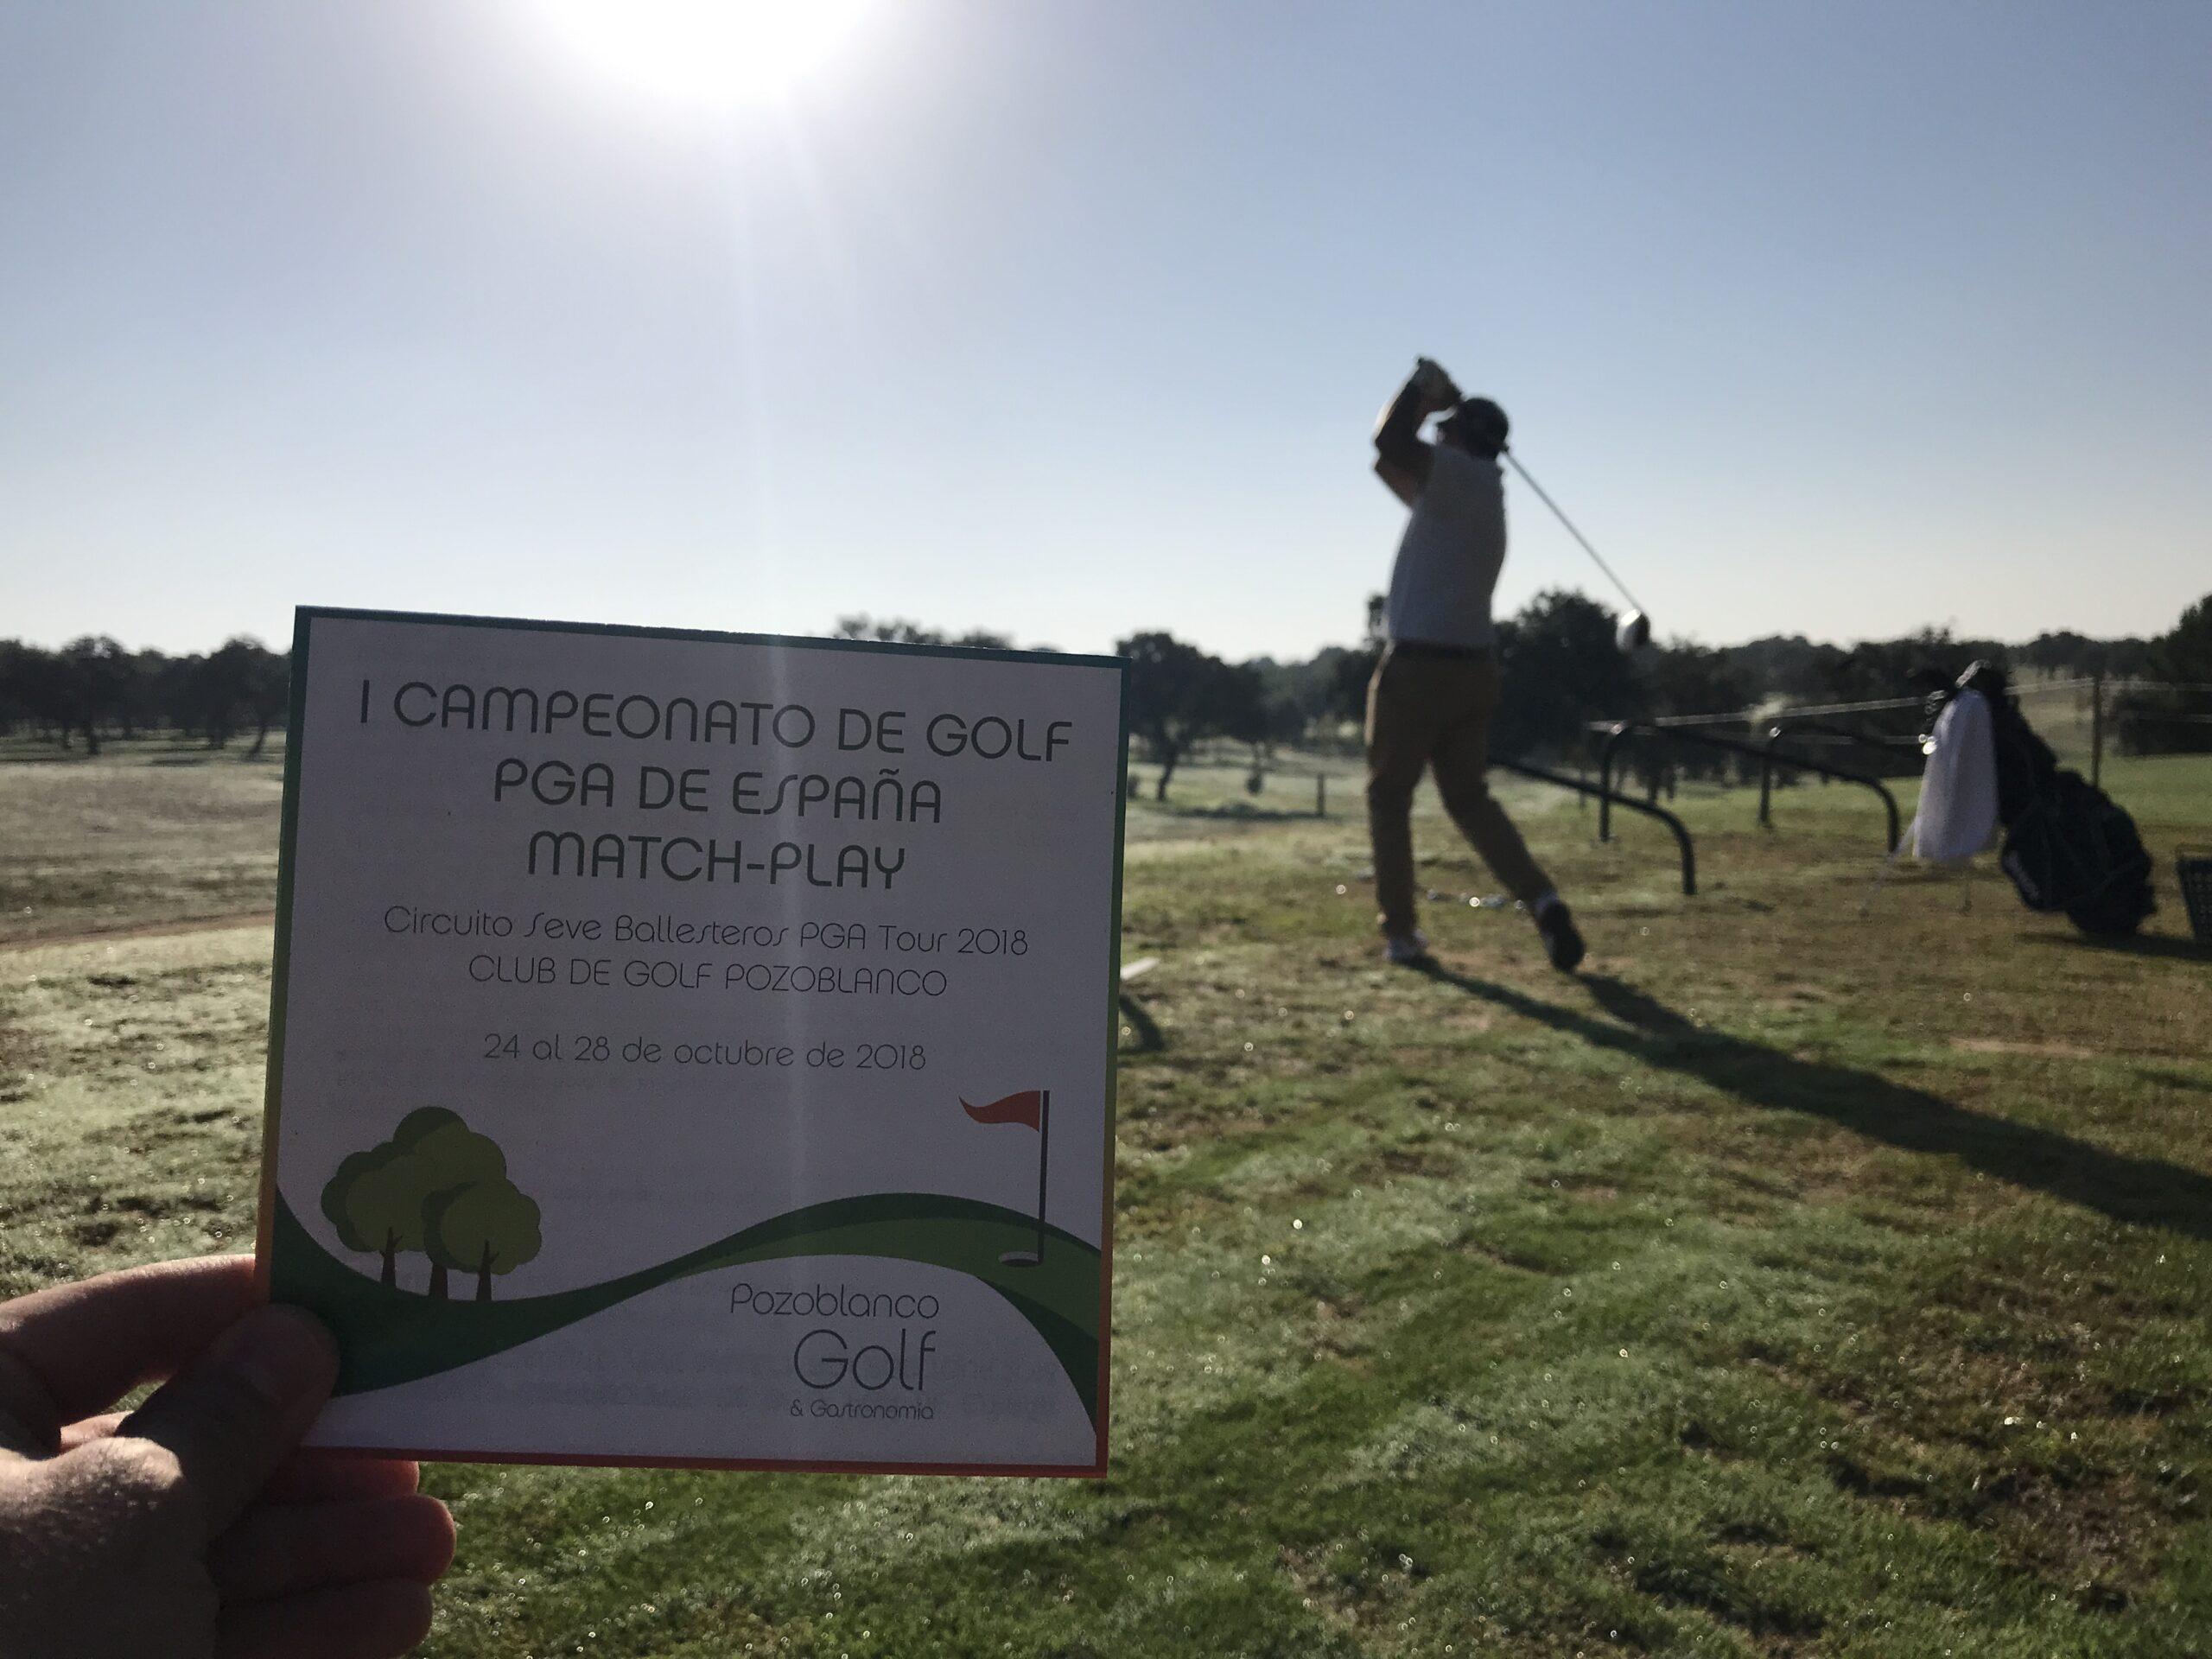 I Campeonato de Golf PGA de España Match-Play del Circuito Seve Ballesteros PGA TOUR 2018